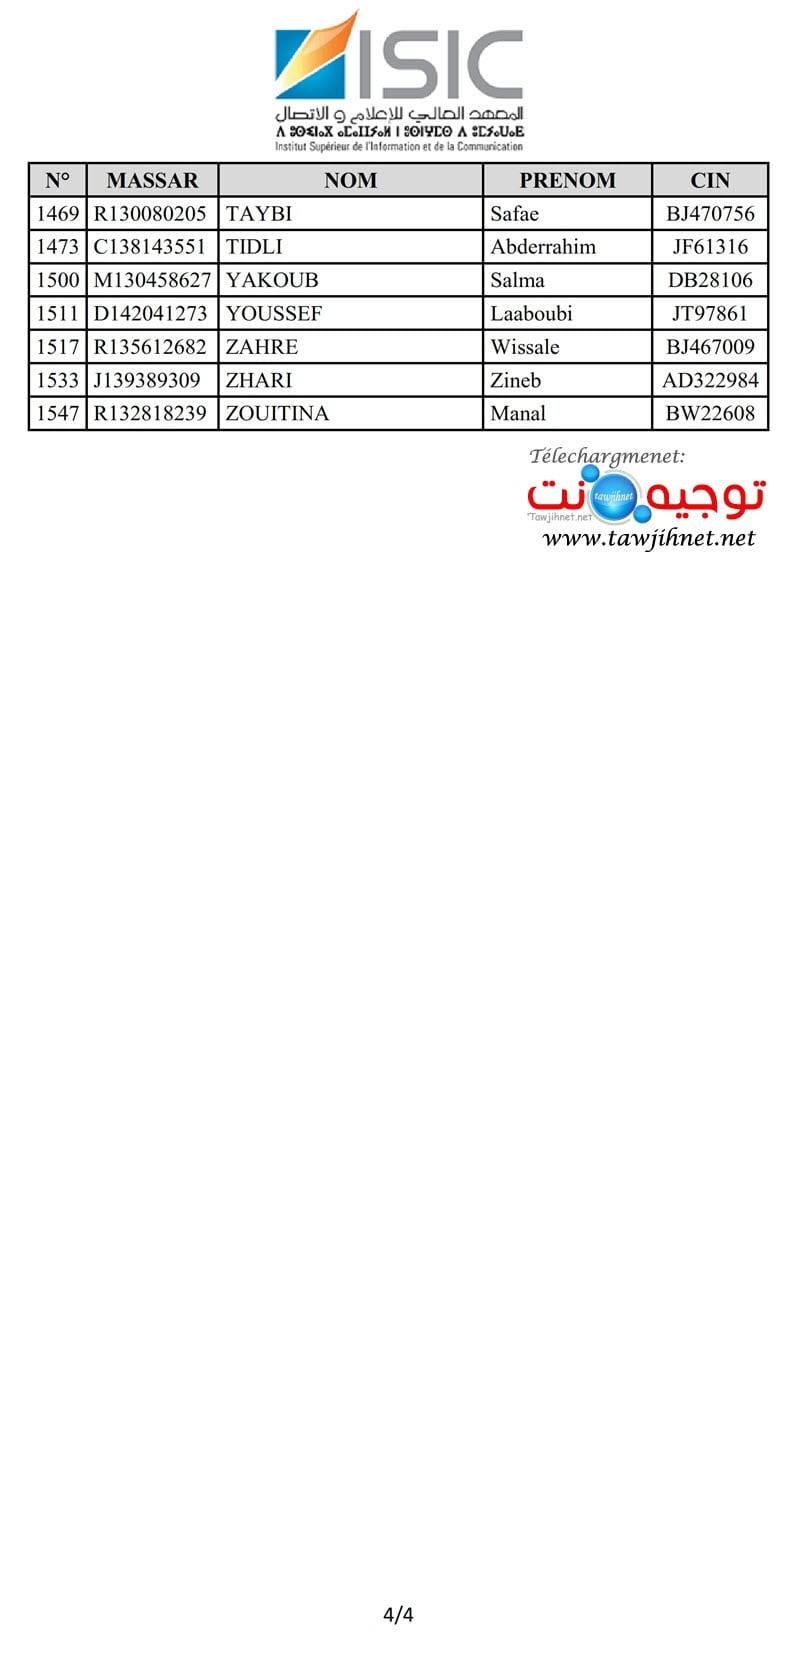 RésultatsEcrit concours ISIC Rabat ar 2019